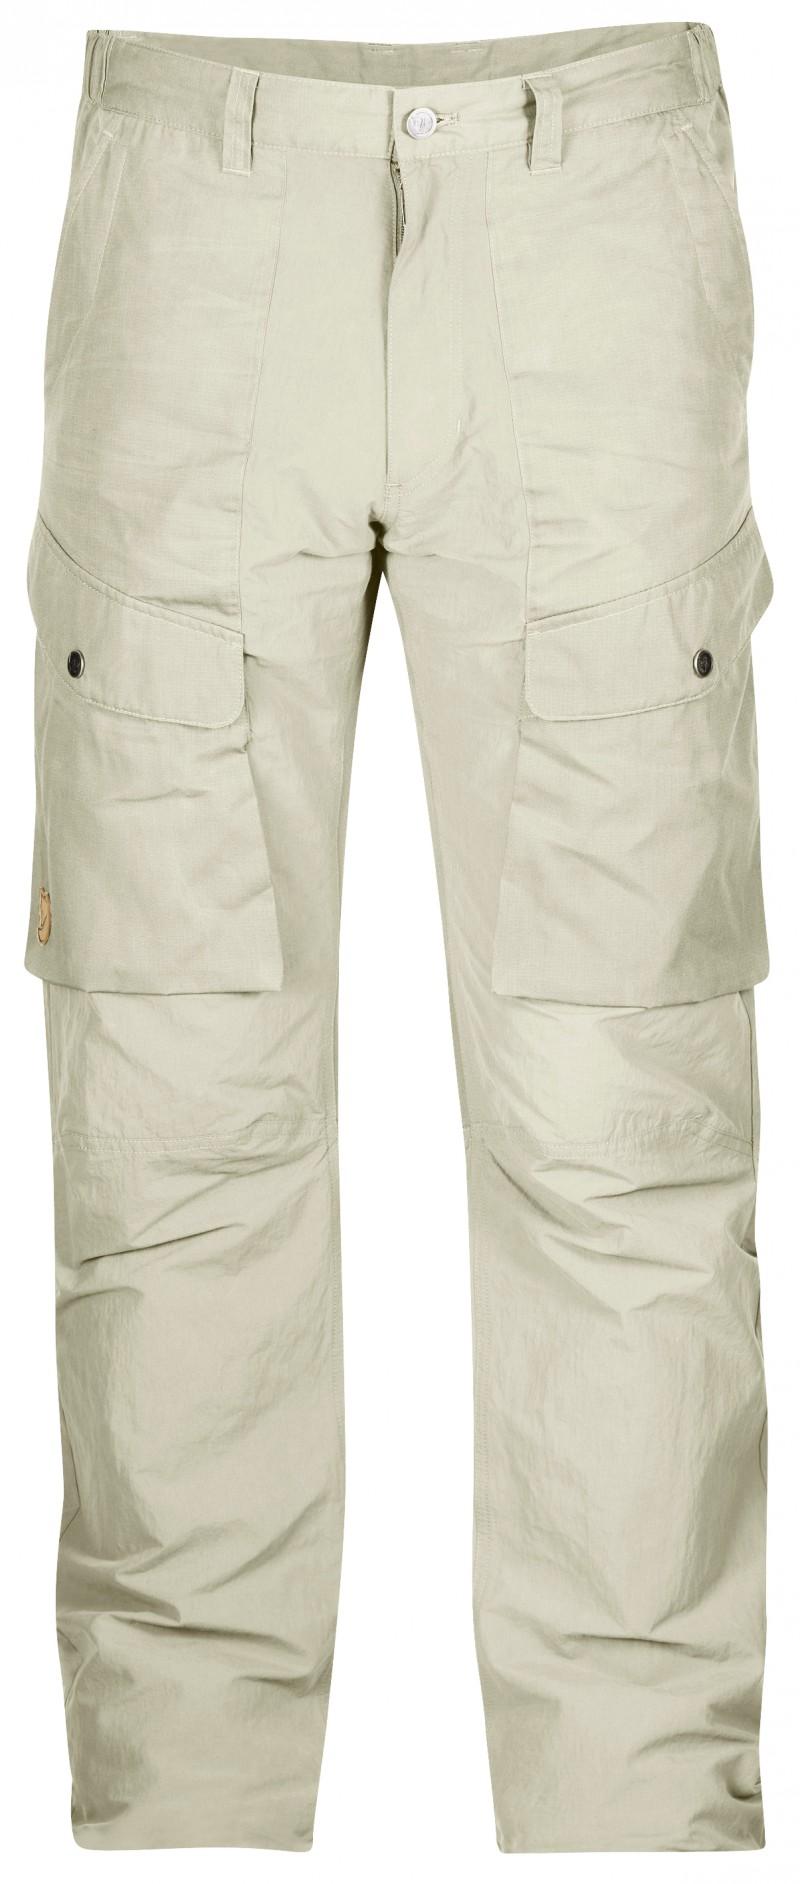 FjallRaven Abisko Hybrid Trousers Beige-30